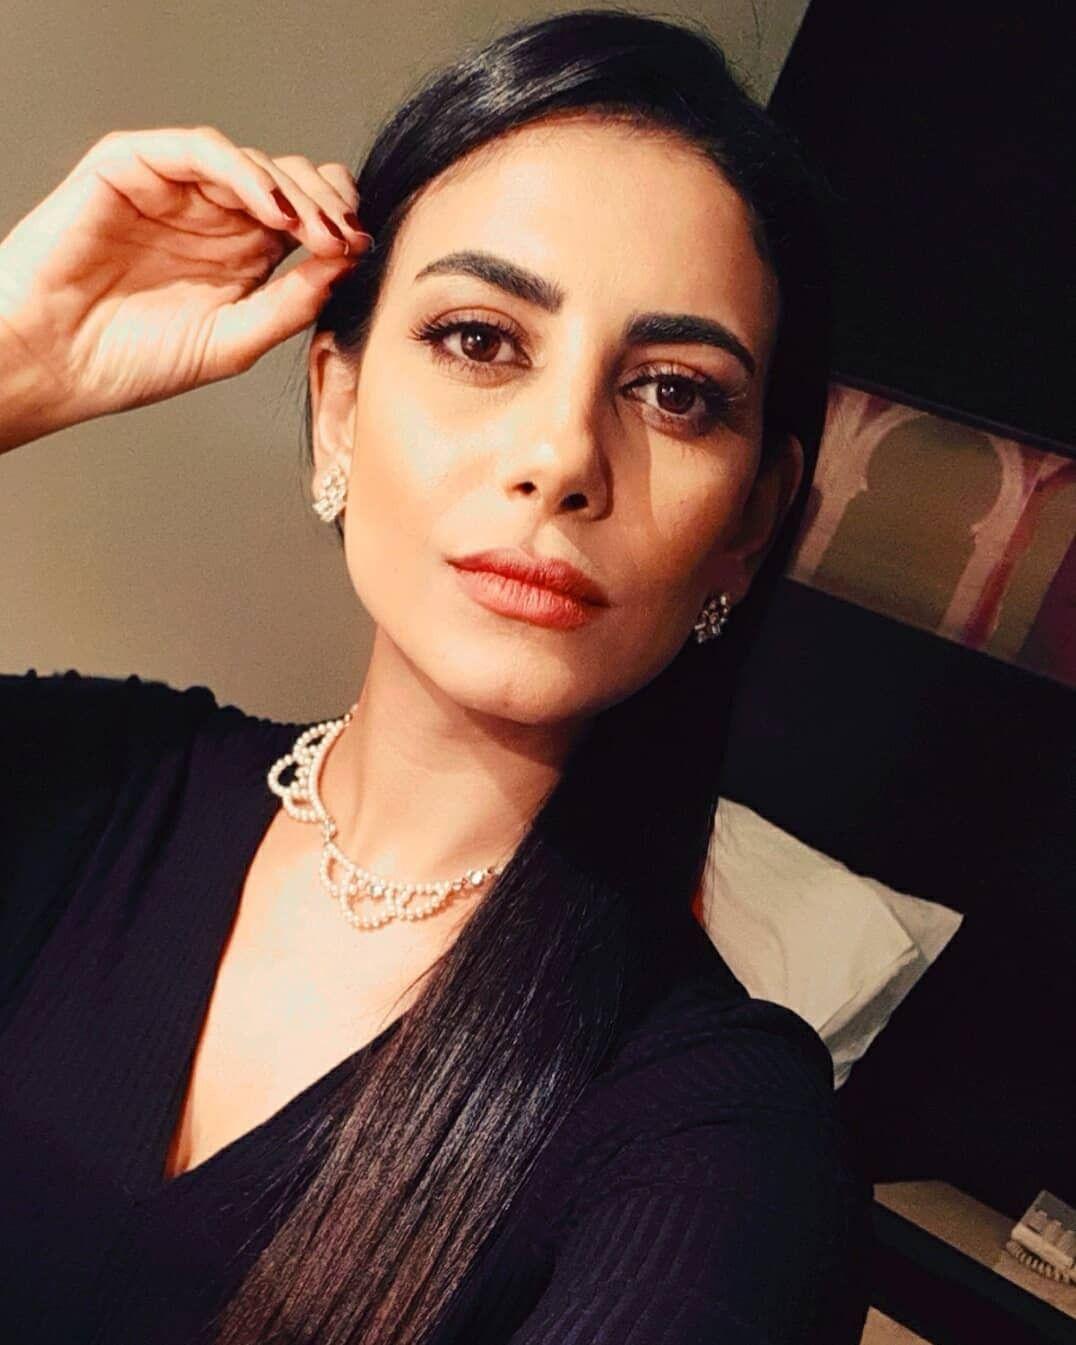 بعد سنوات من مقاطعة السوشيال ميديا ابنة عمرو دياب نور تتحول إلى فاشينستا مجلة هي